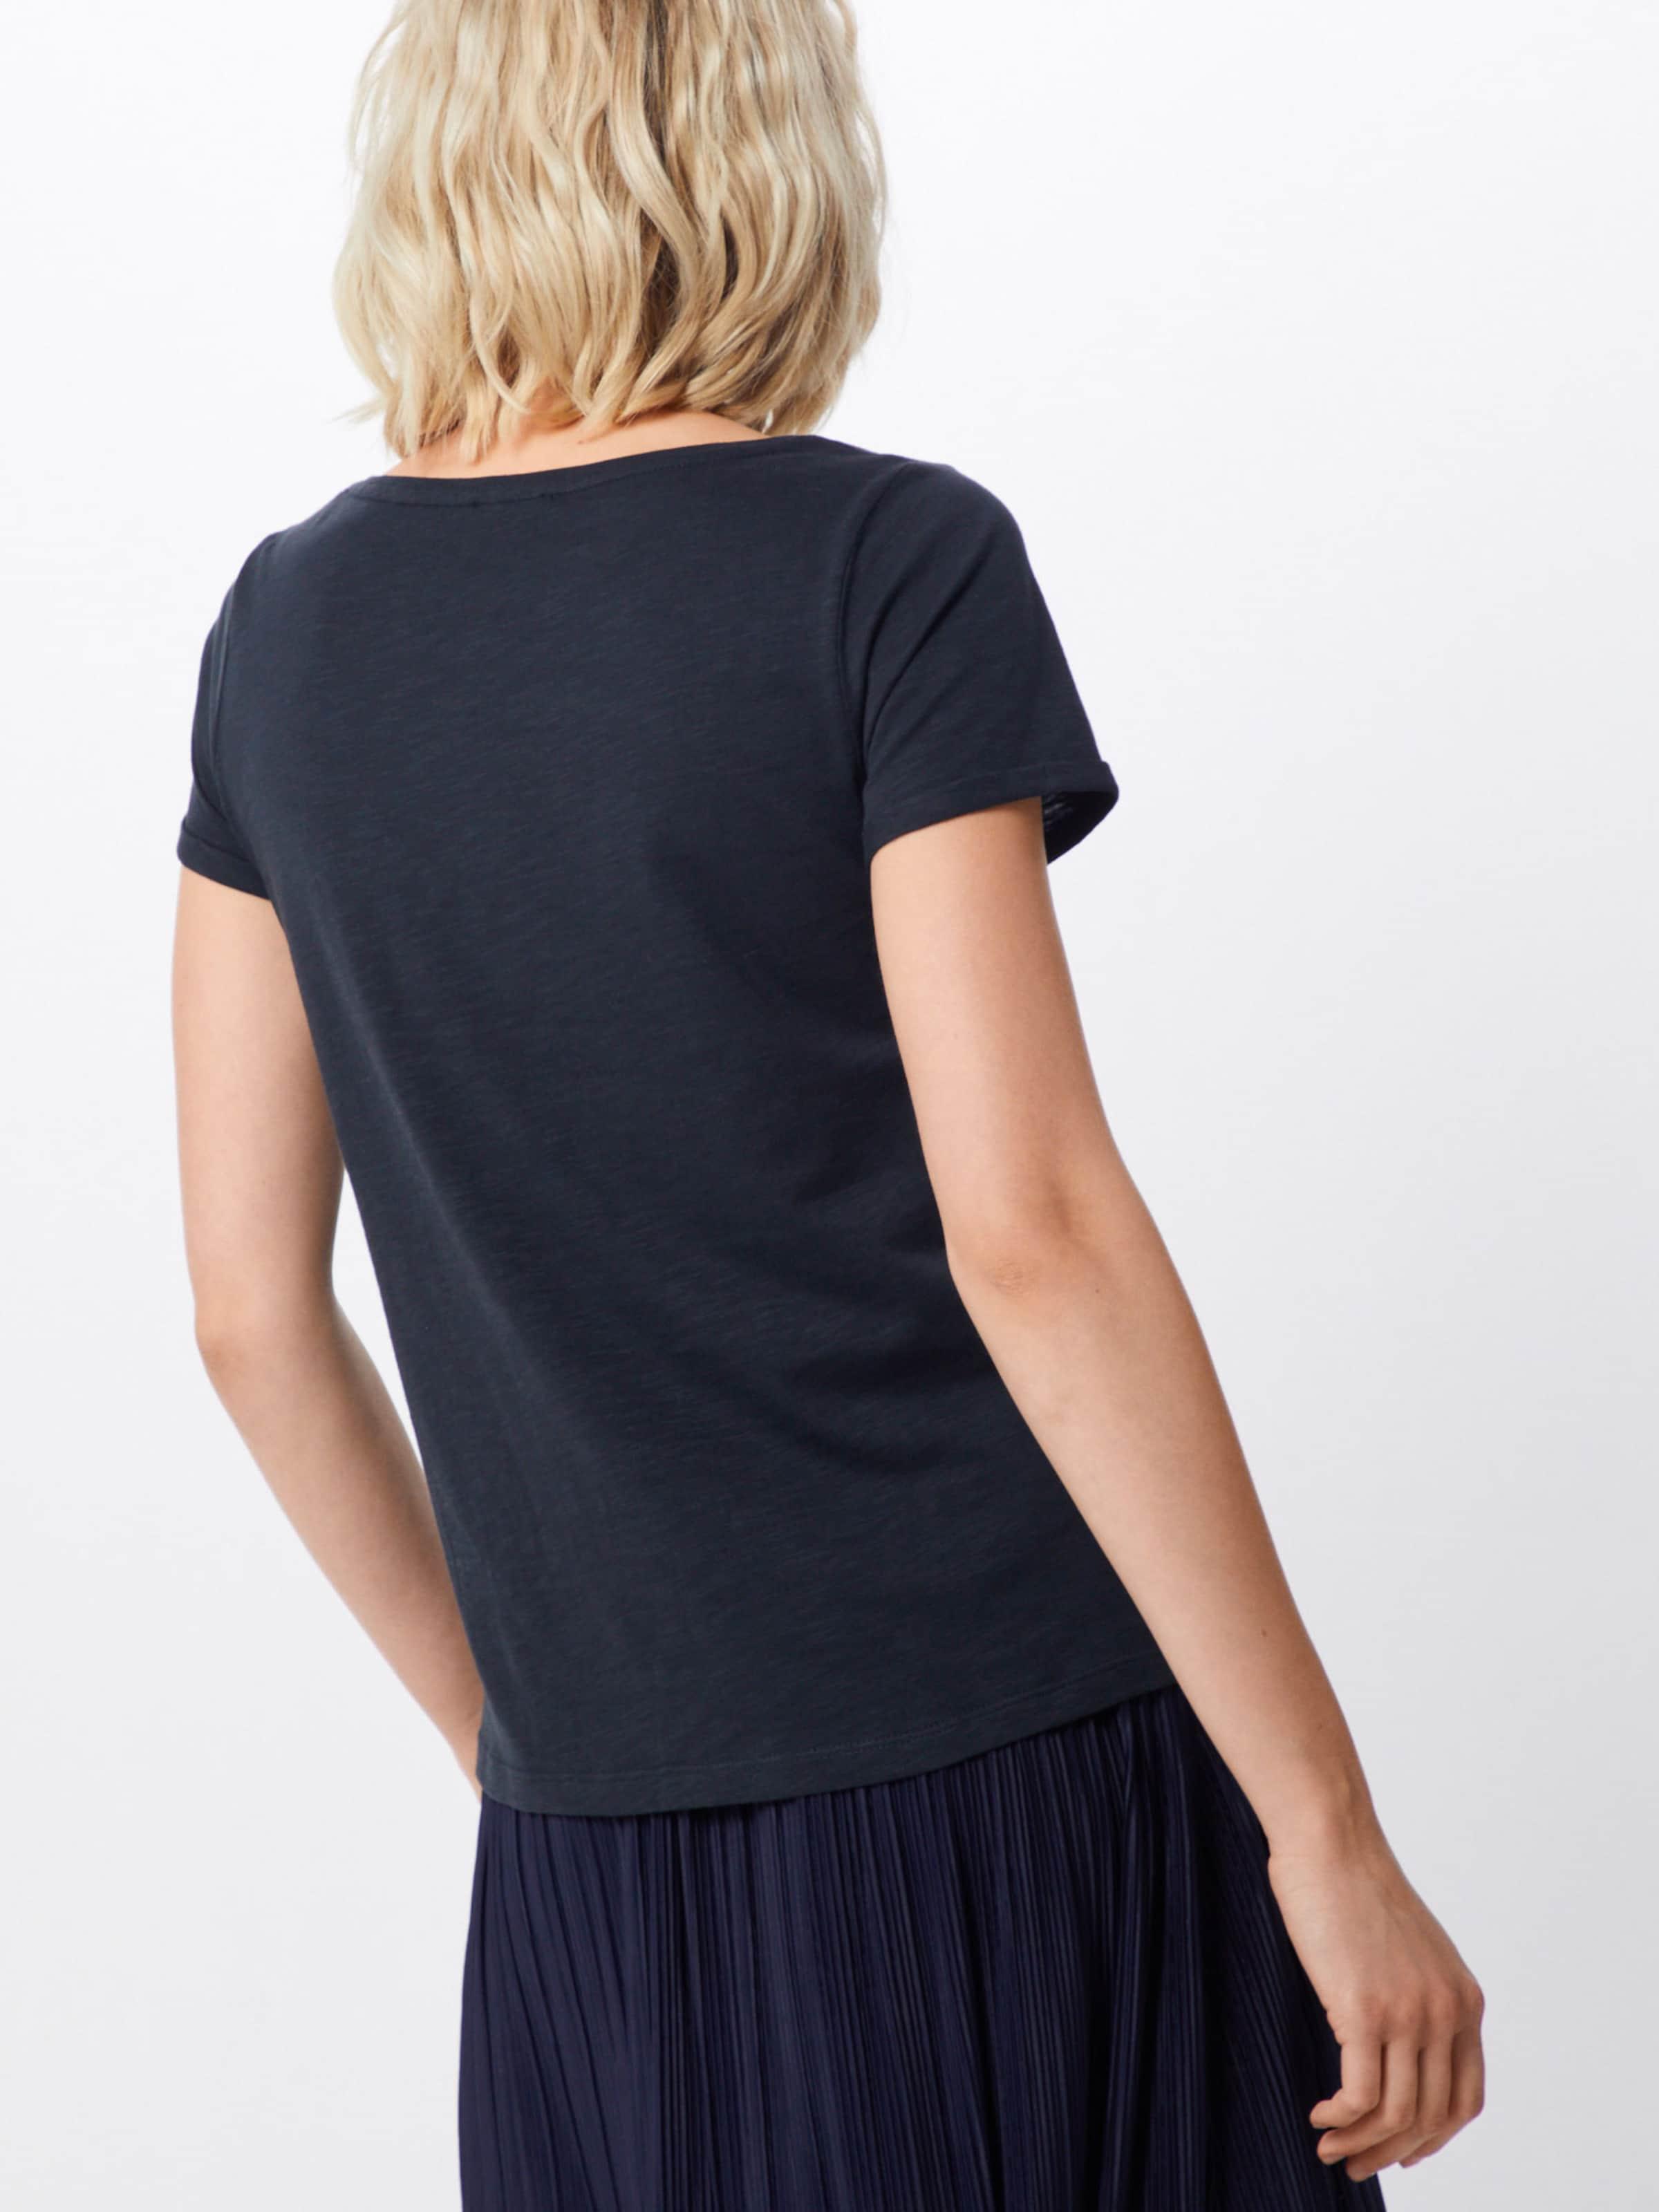 Silber In One Street GrauHellrot T shirt l5uT1FJcK3